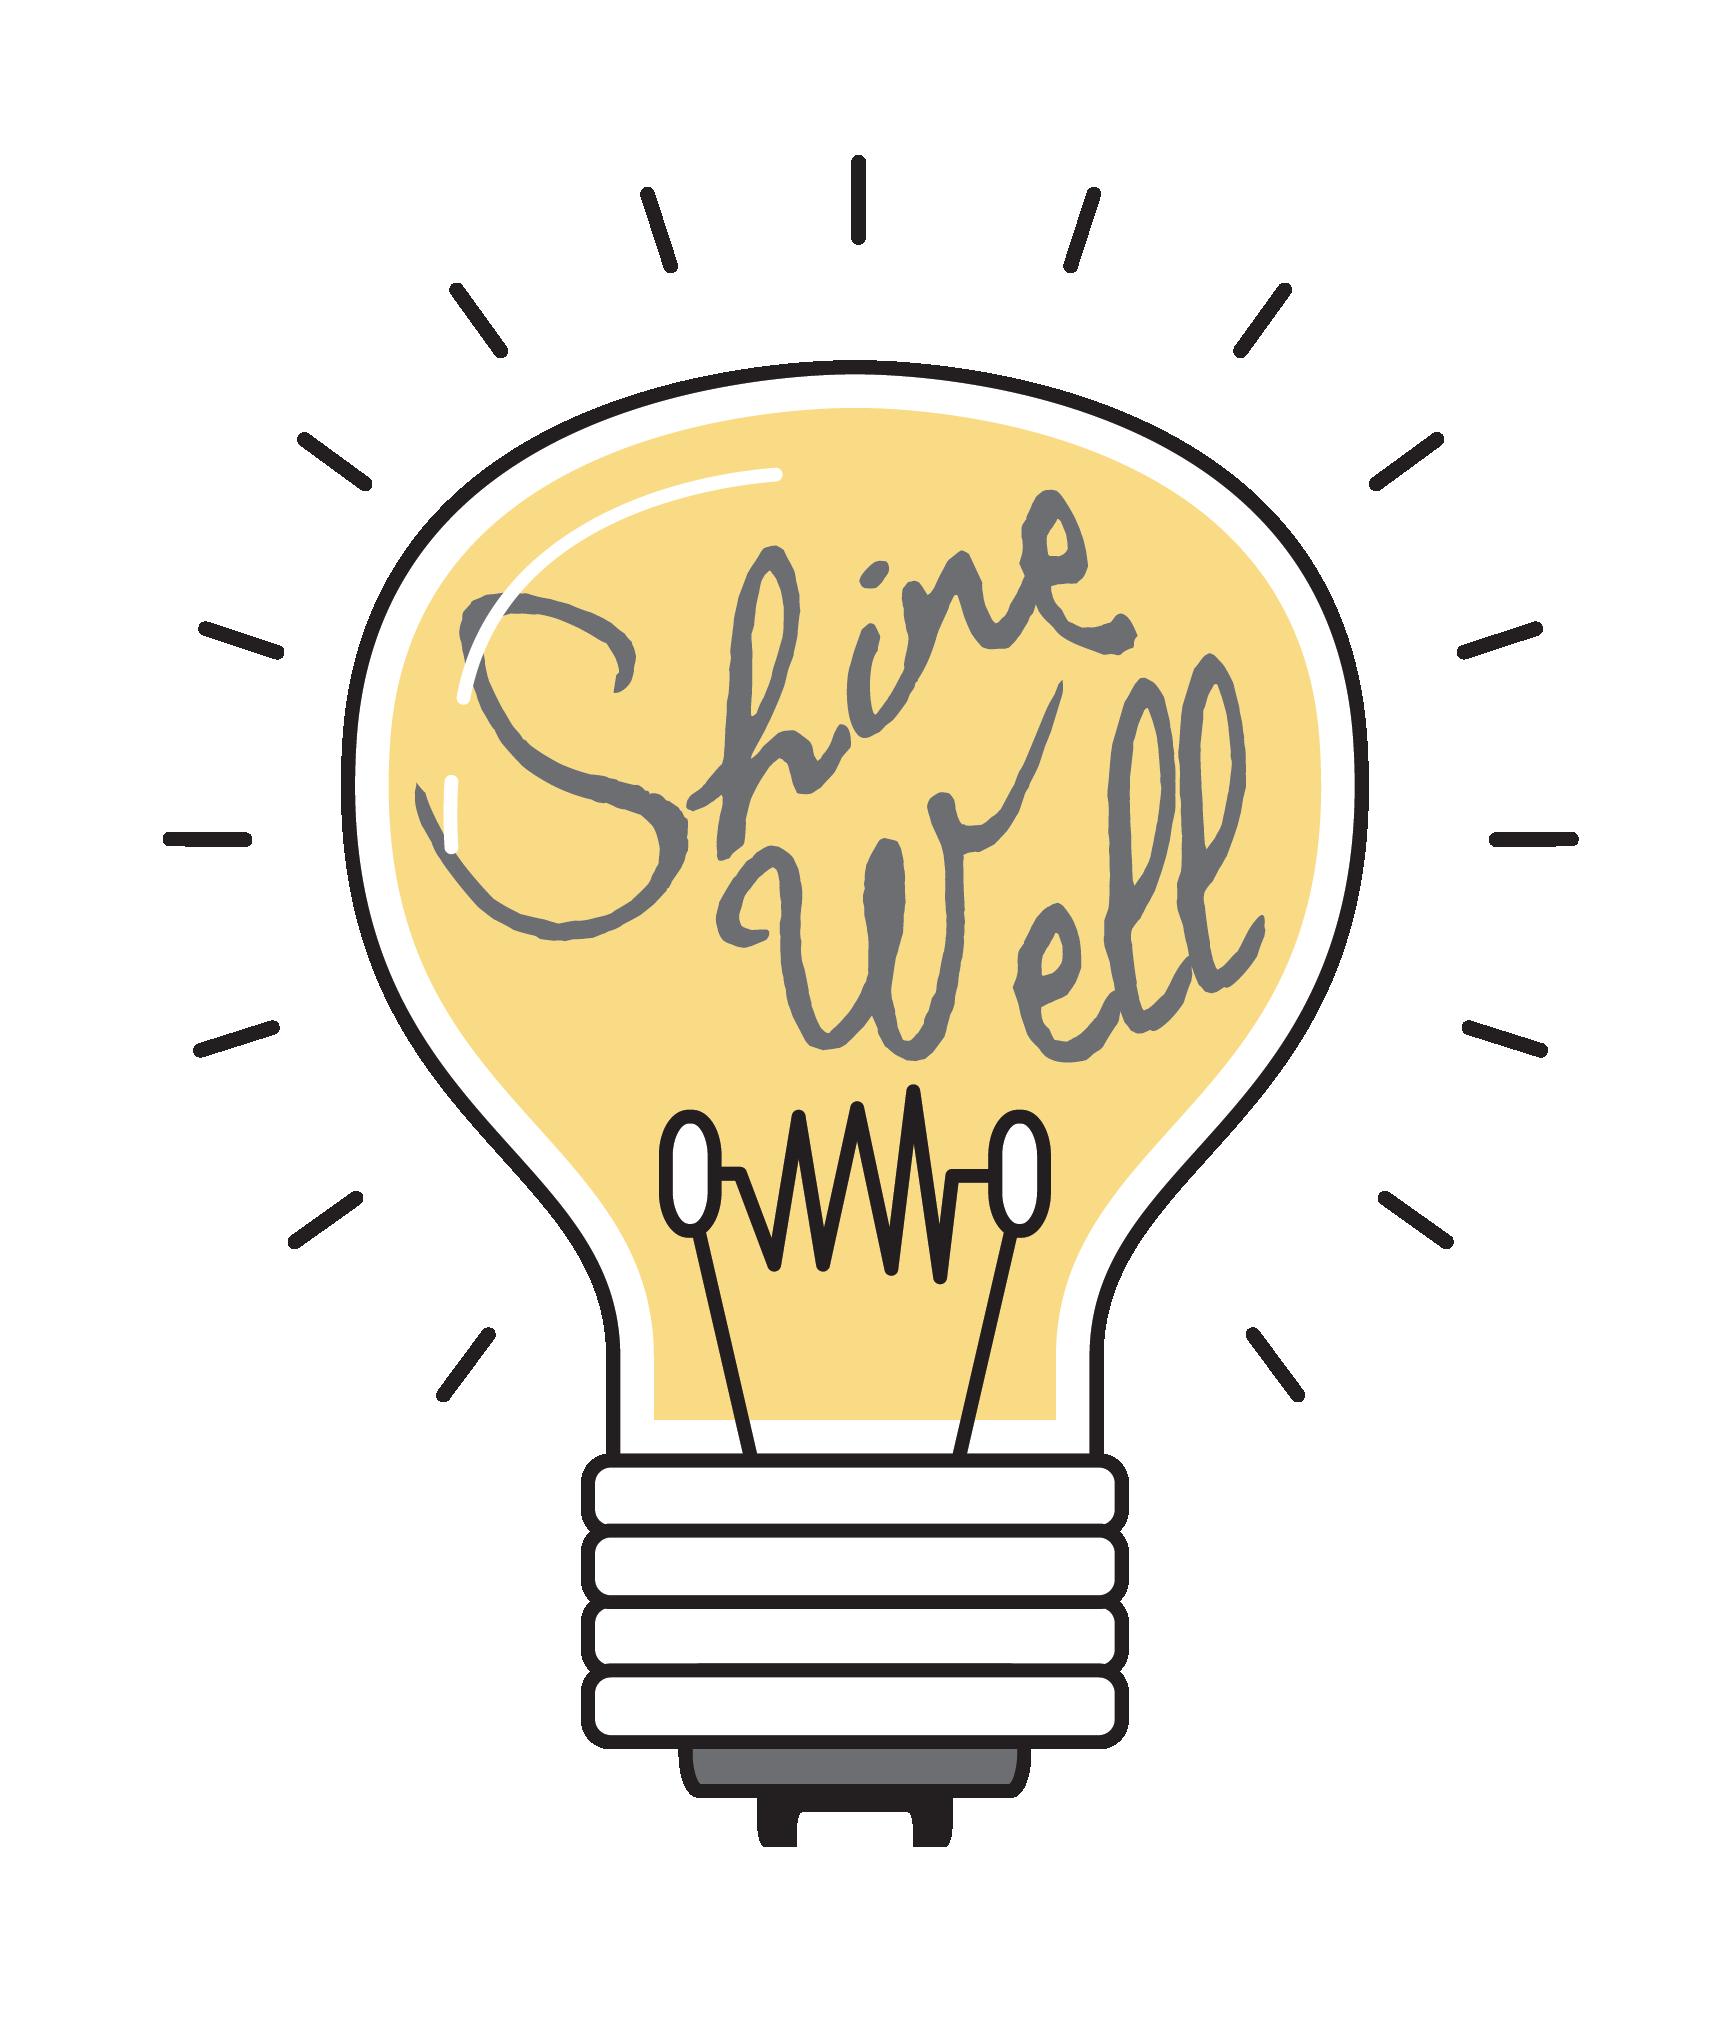 Shine Well logo